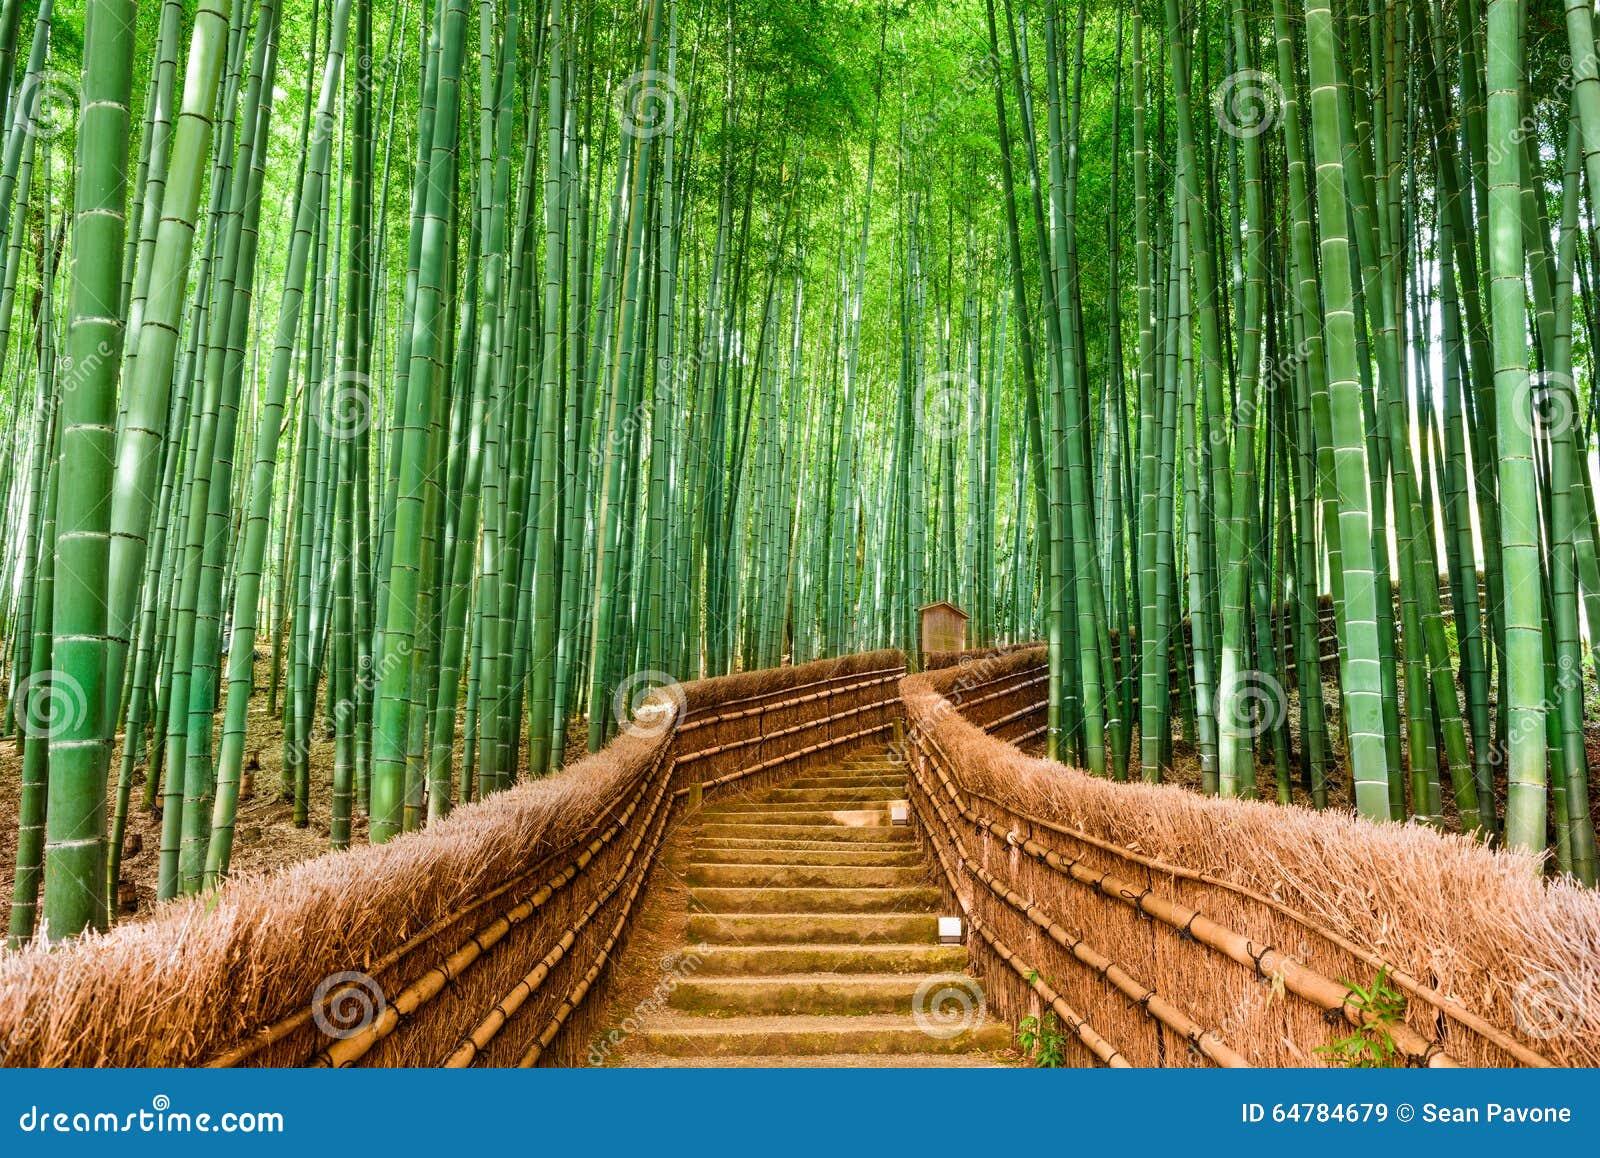 Bambus Wald Kyotos Japan Stockbild Bild Von Schon Szenisch 64784679